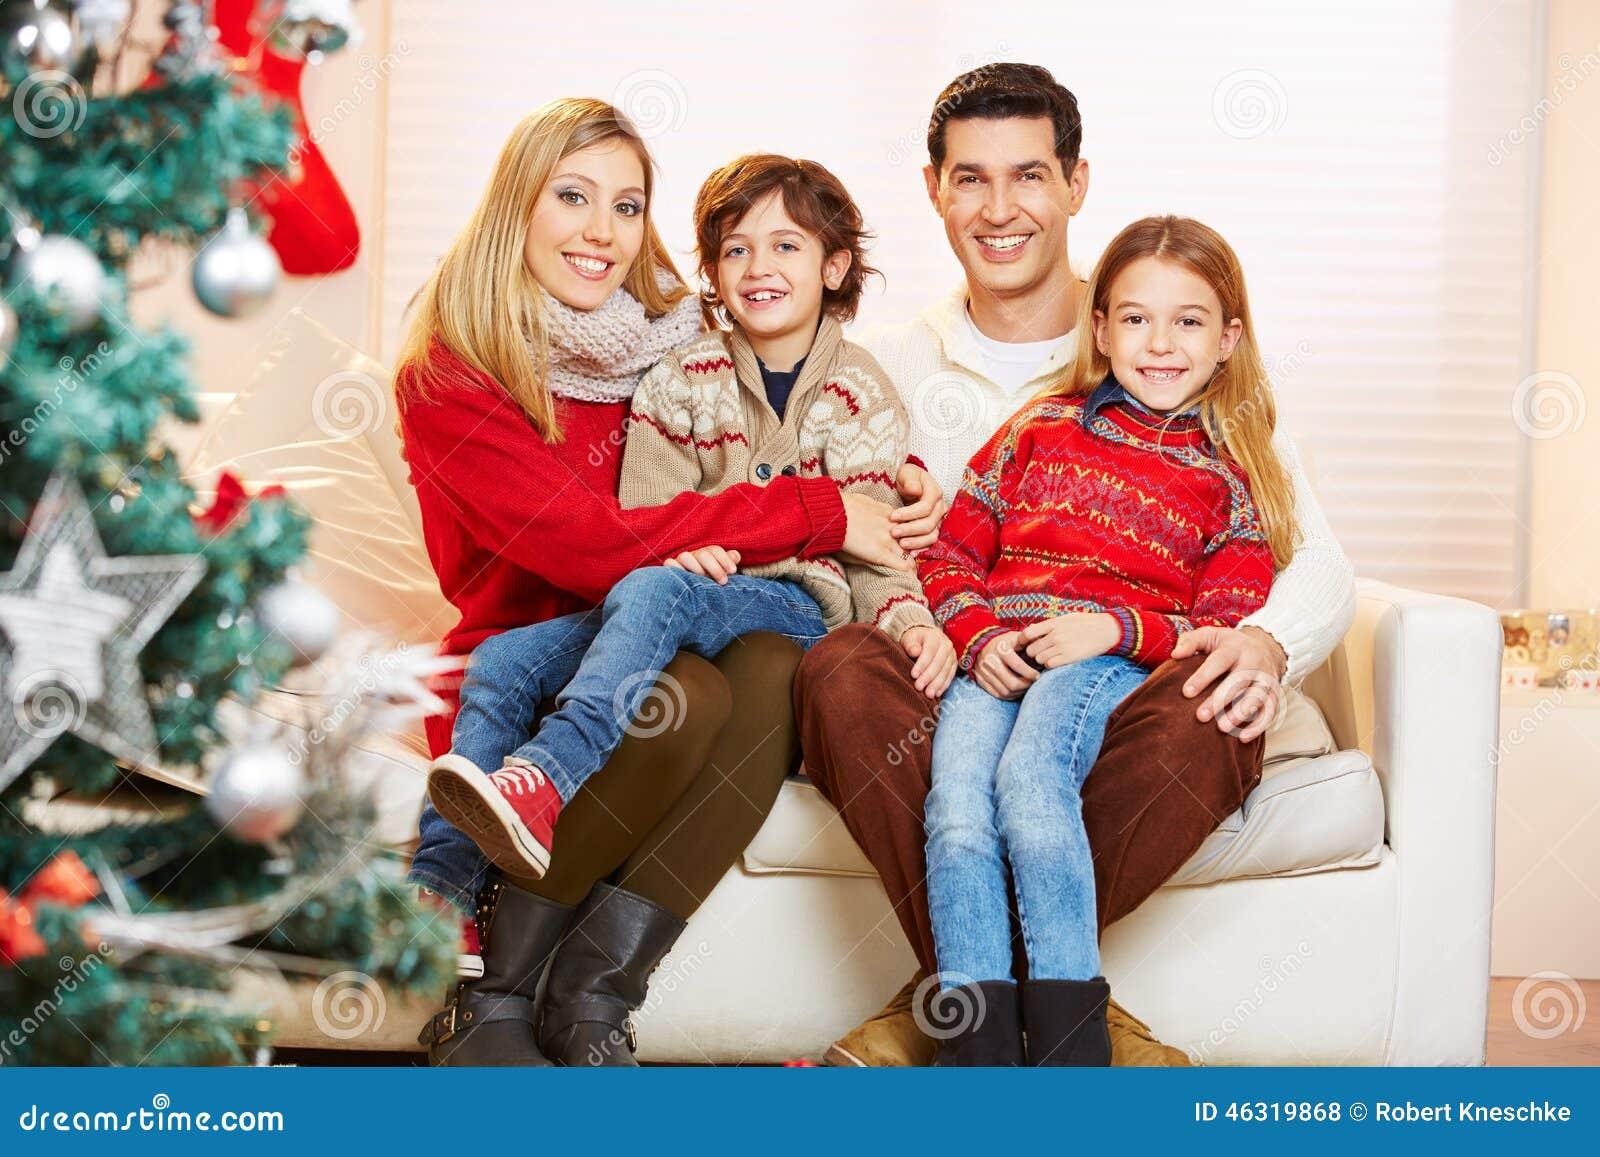 eine familie zu weihnachten